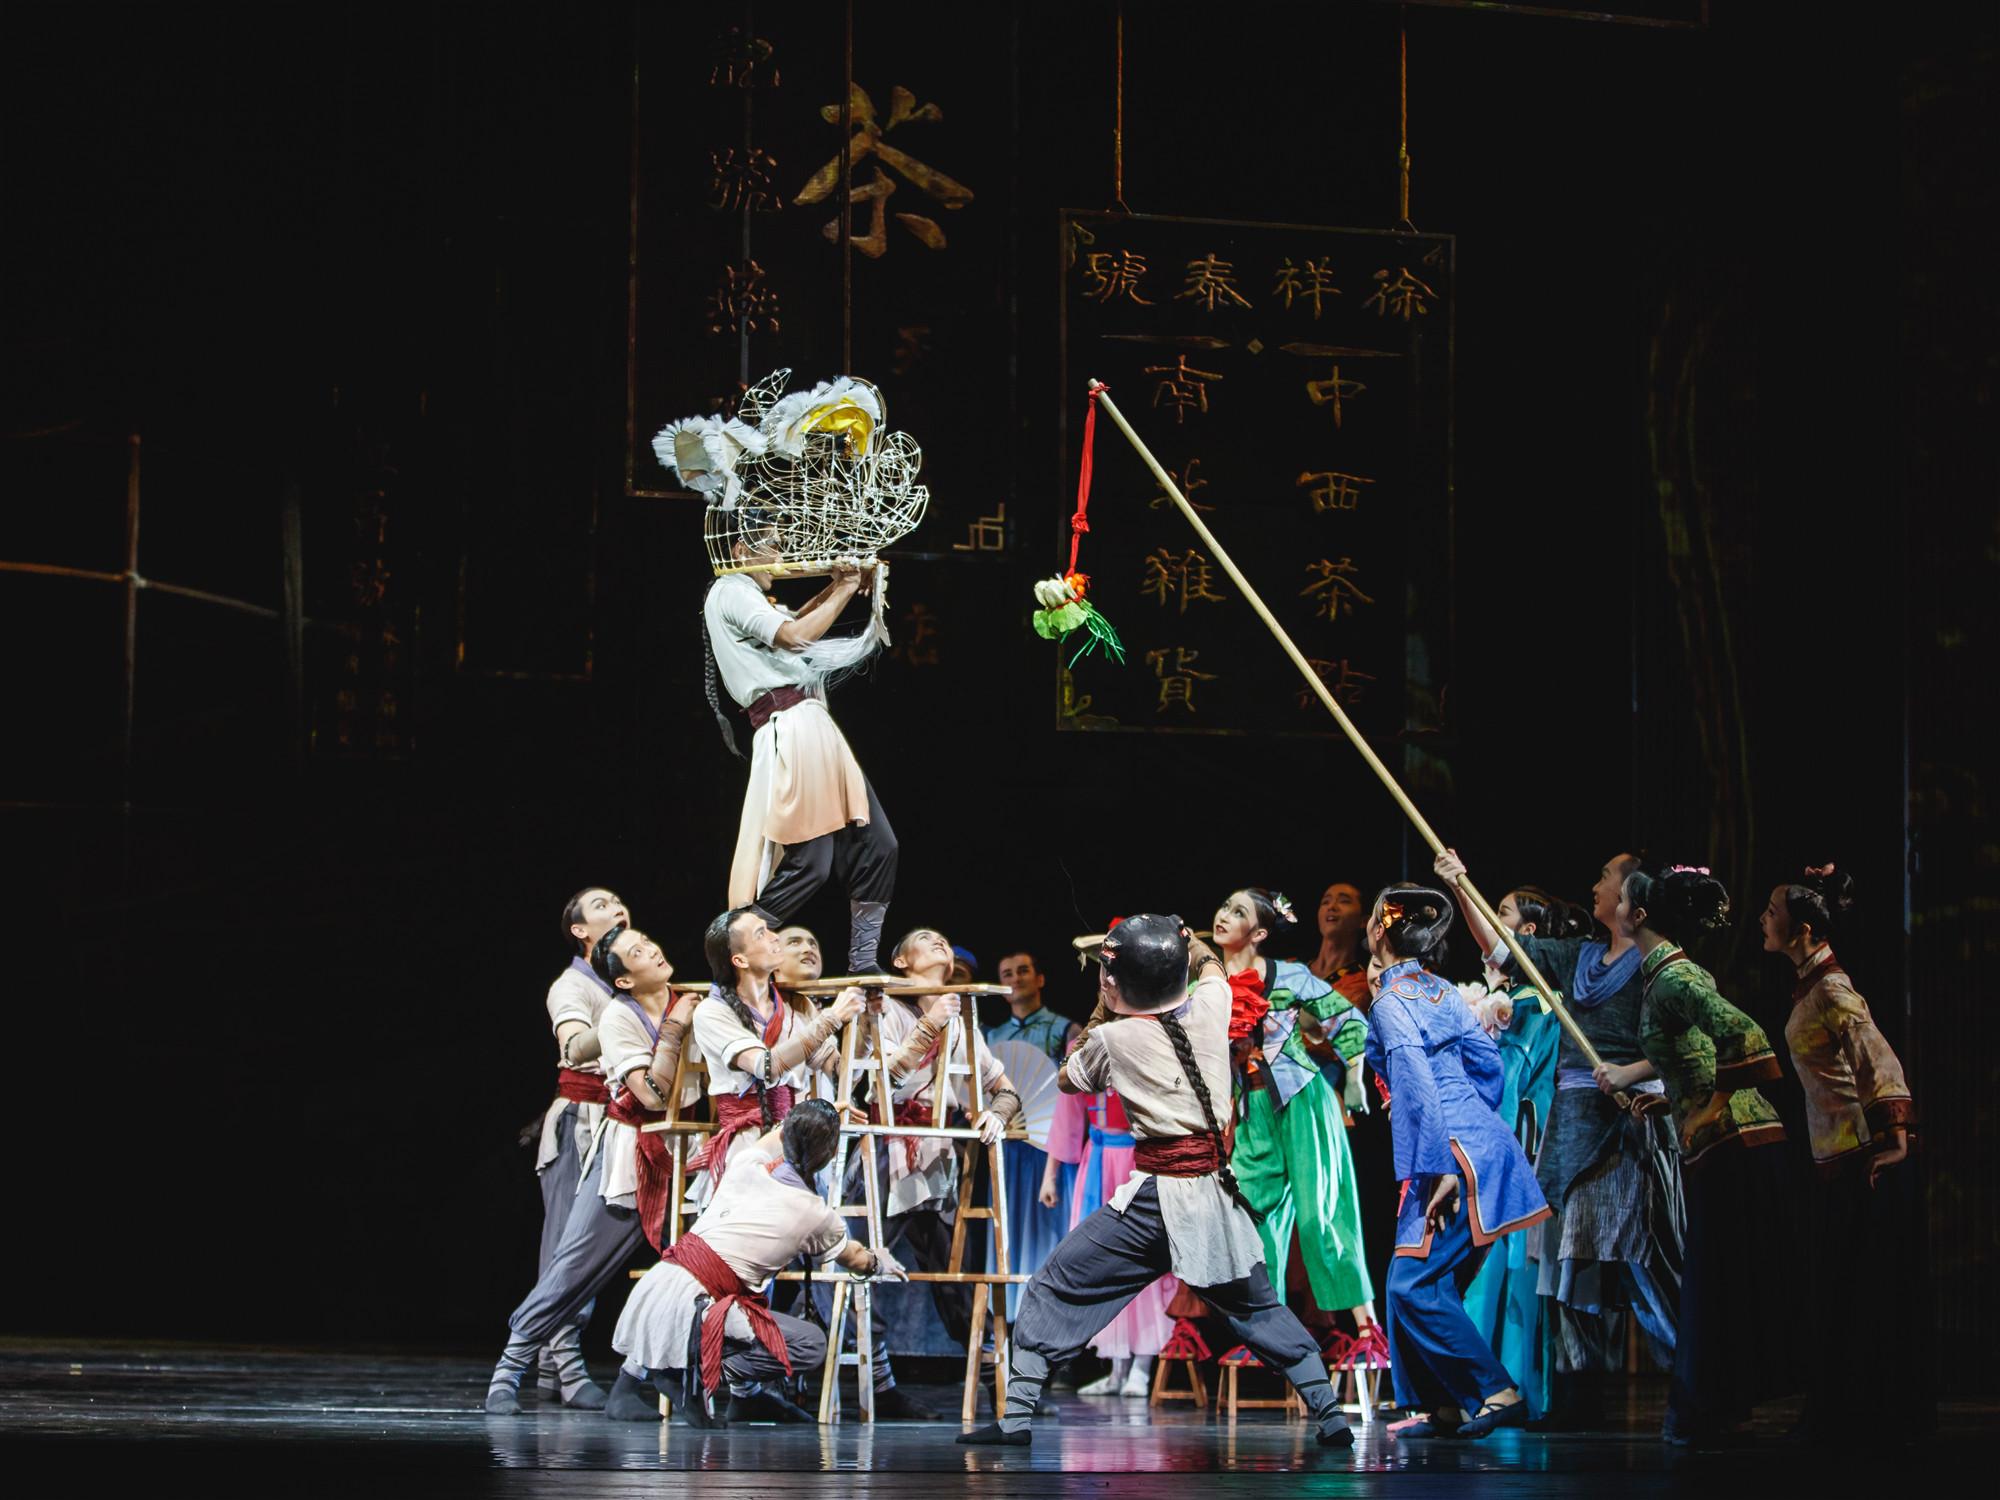 044 2019.04.18 广州歌舞剧院 大型民族舞剧《醒·狮》 摄影@舞蹈中国-刘海栋_副本.jpg